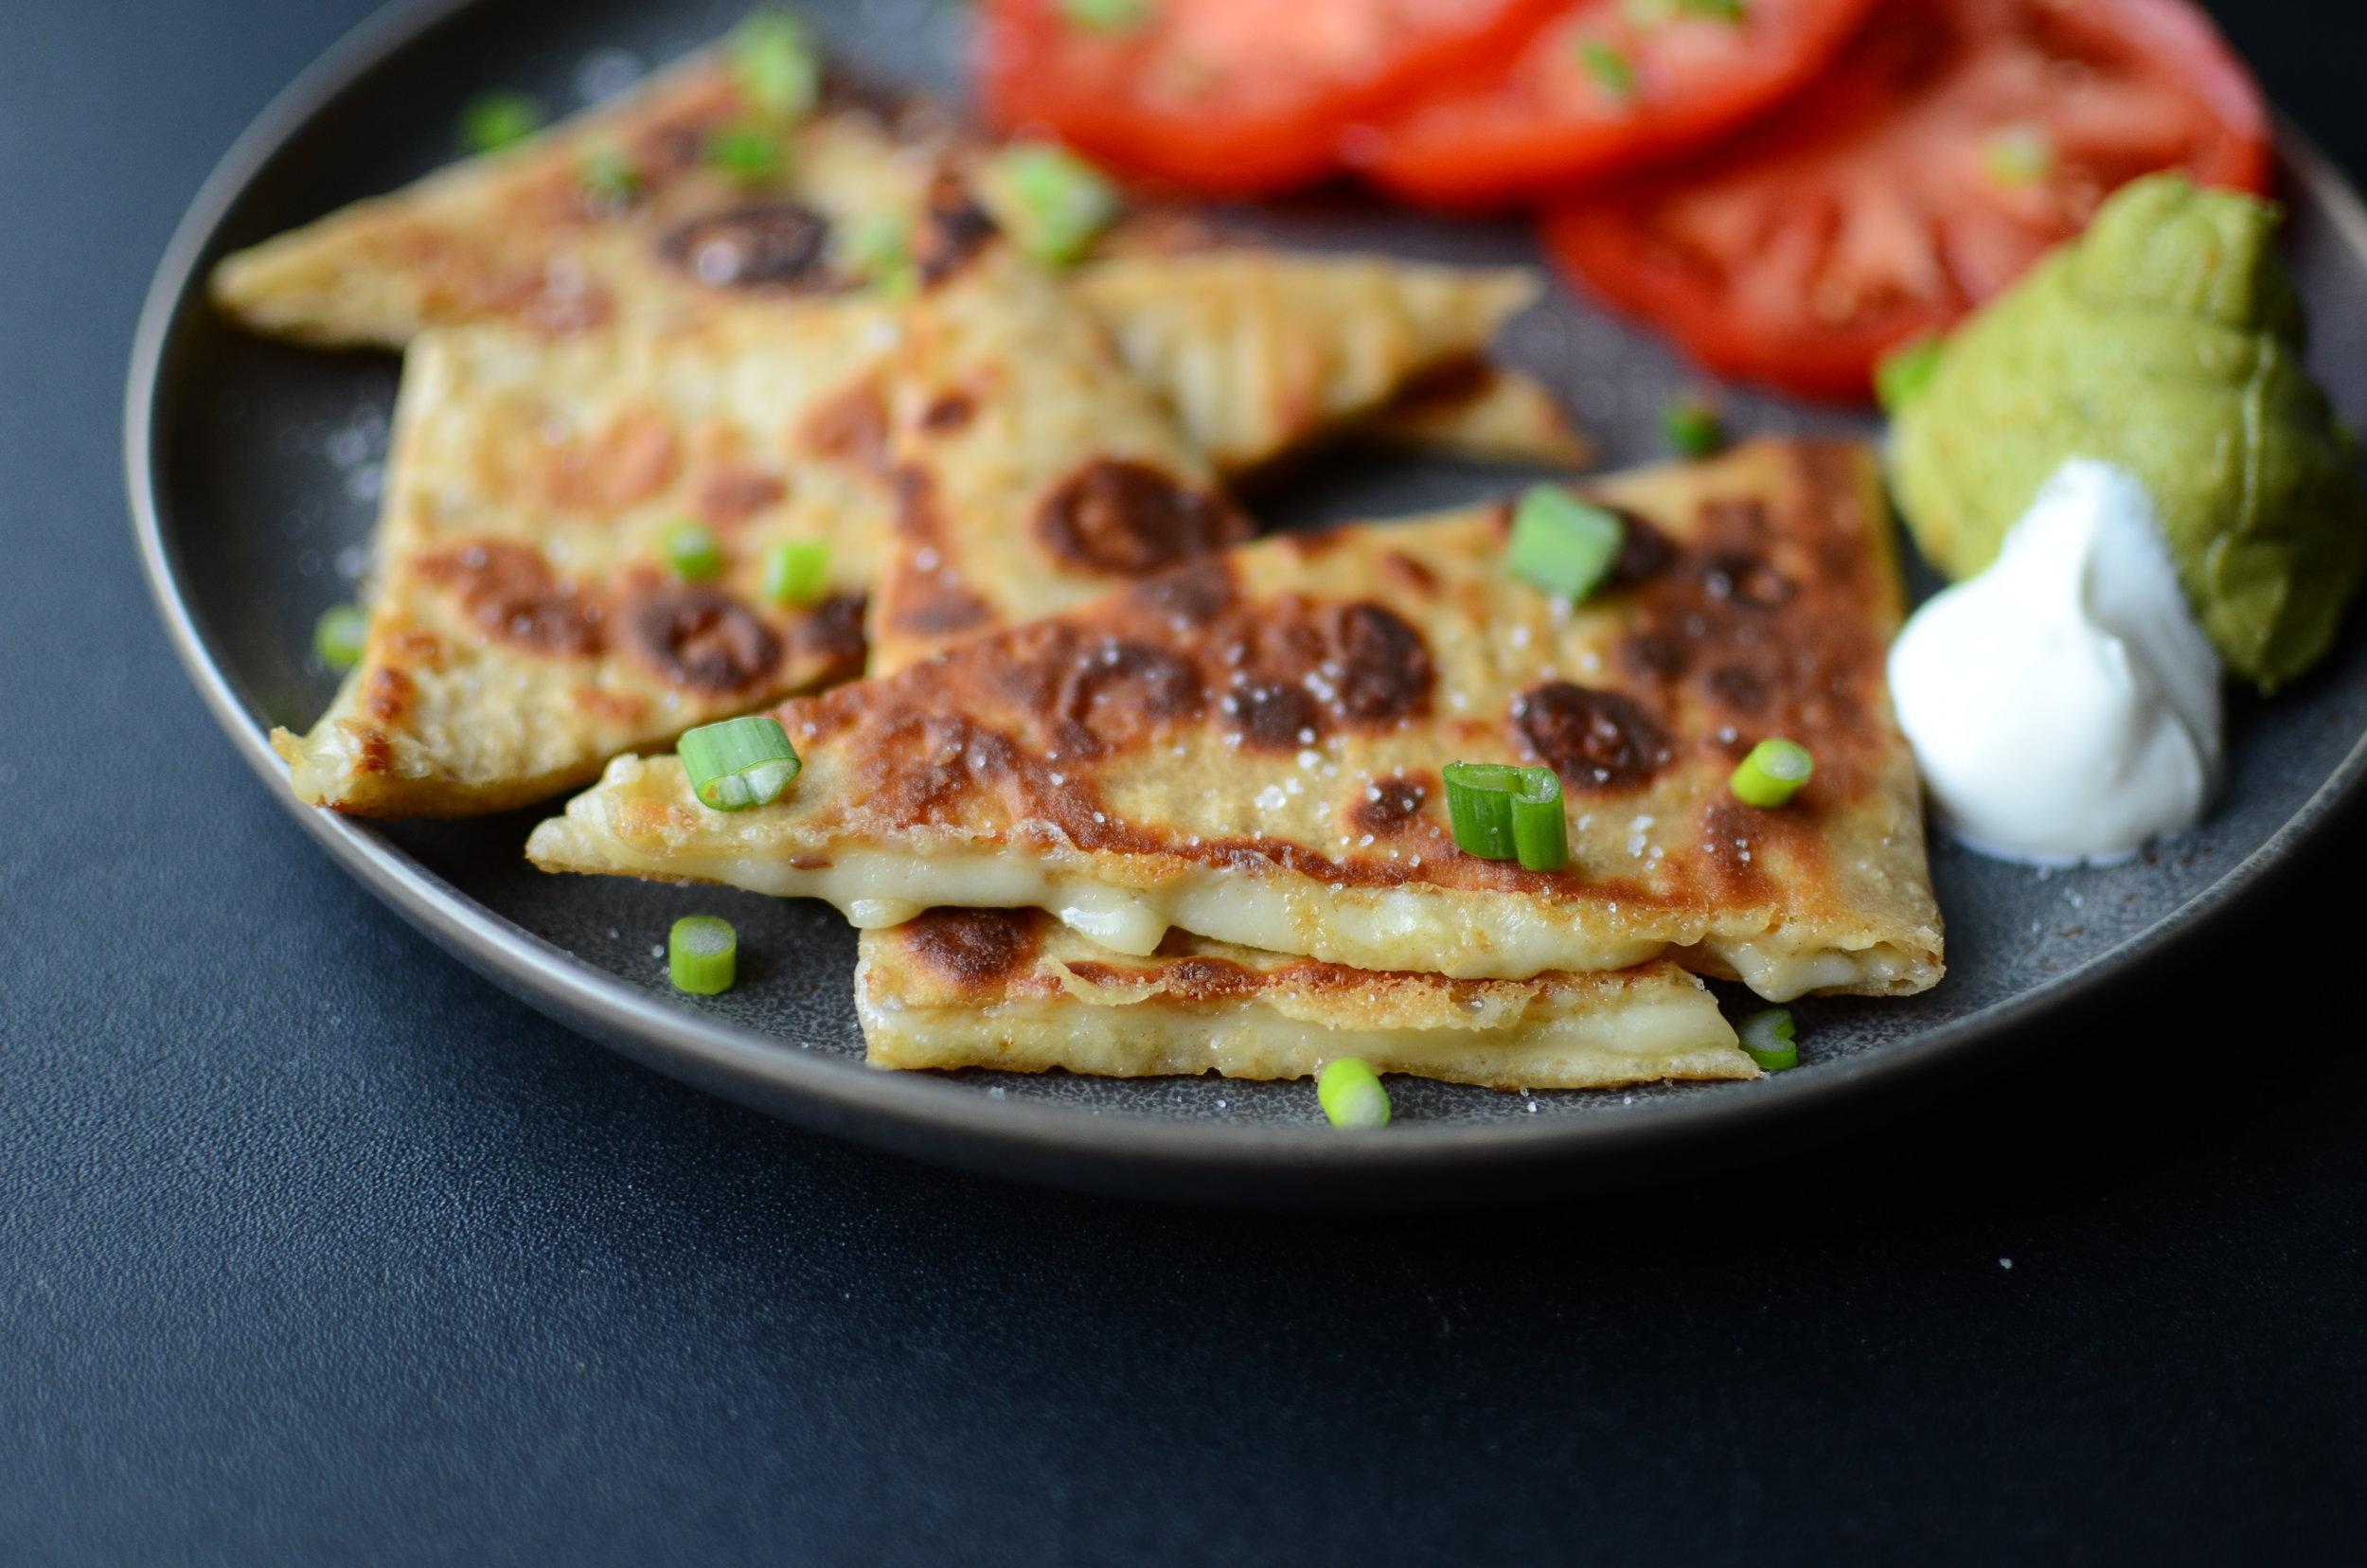 low carb quesadilla recipe. low carb quesadilla recipe. keto quesadilla recipe. keto-friendly quesadilla recipe and photos. keto snack recipe. keto finger food recipe.